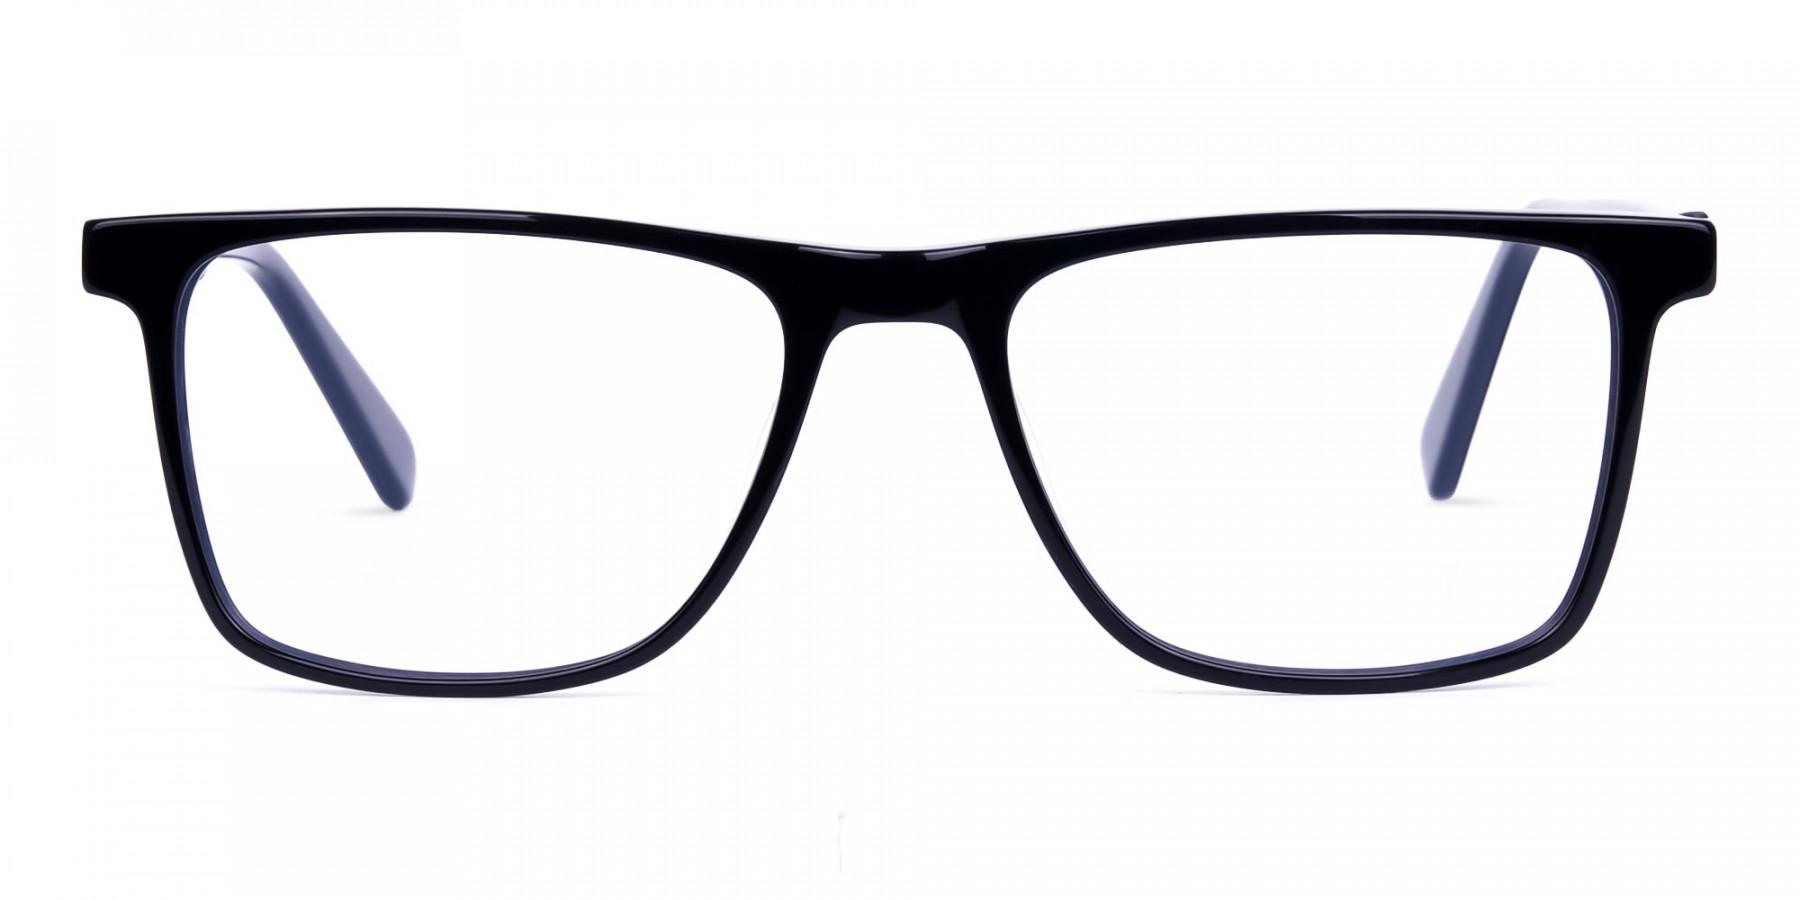 Black-Grey-Rimmed-Rectangular-Glasses-1